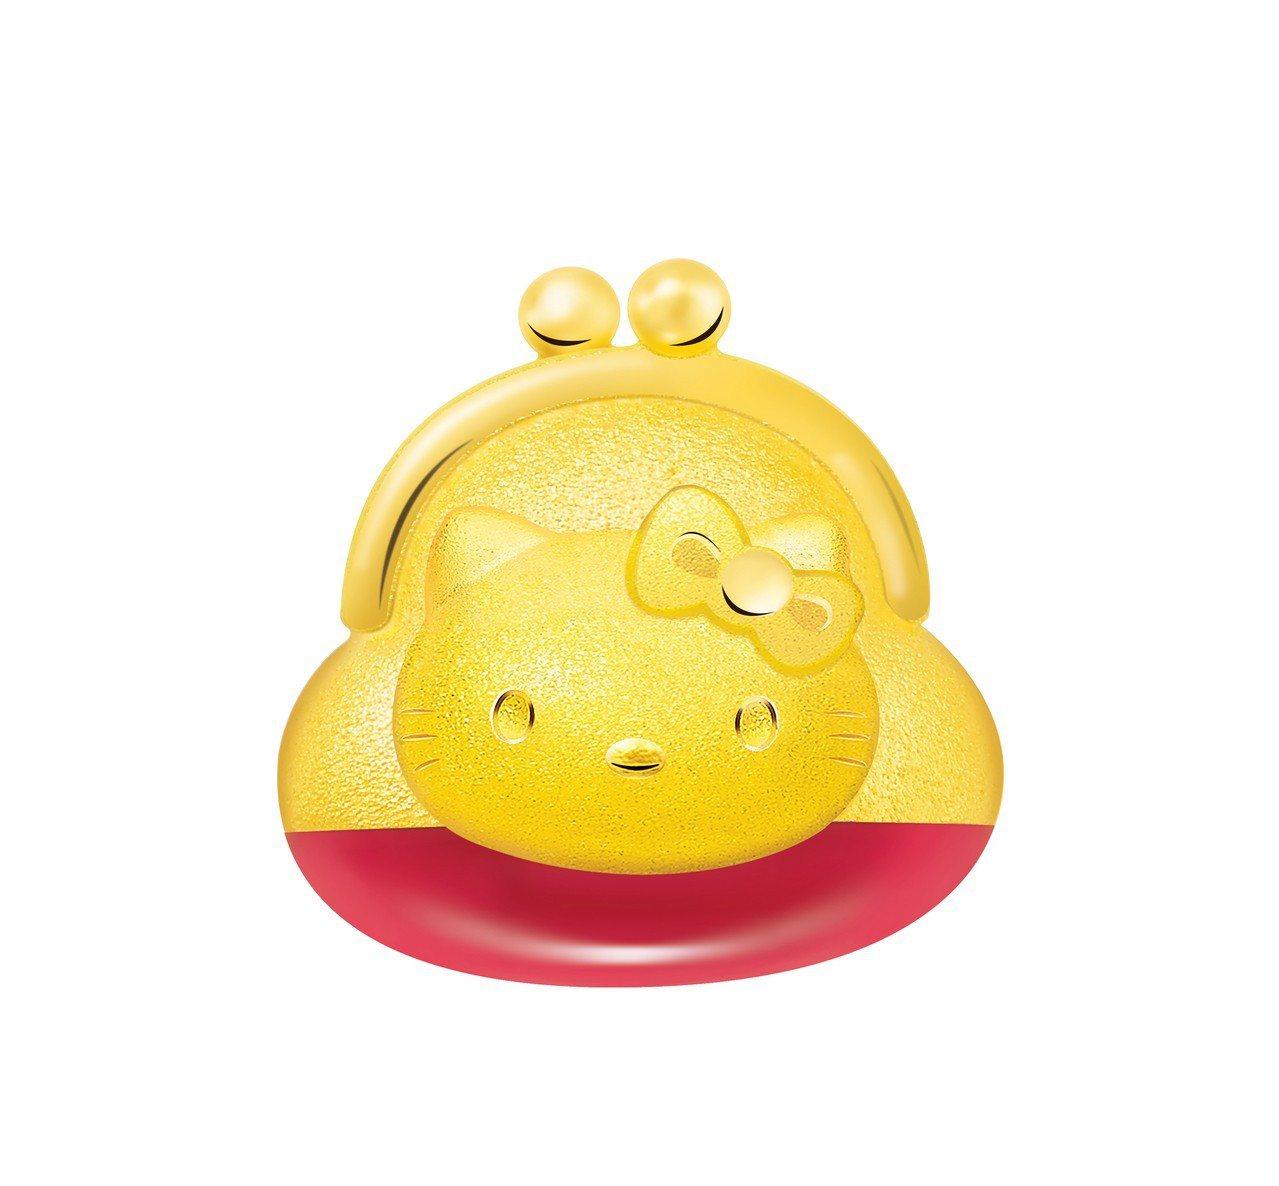 鎮金店Hello Kitty45周年零錢包單耳耳環,11,000元。圖/鎮金店提...